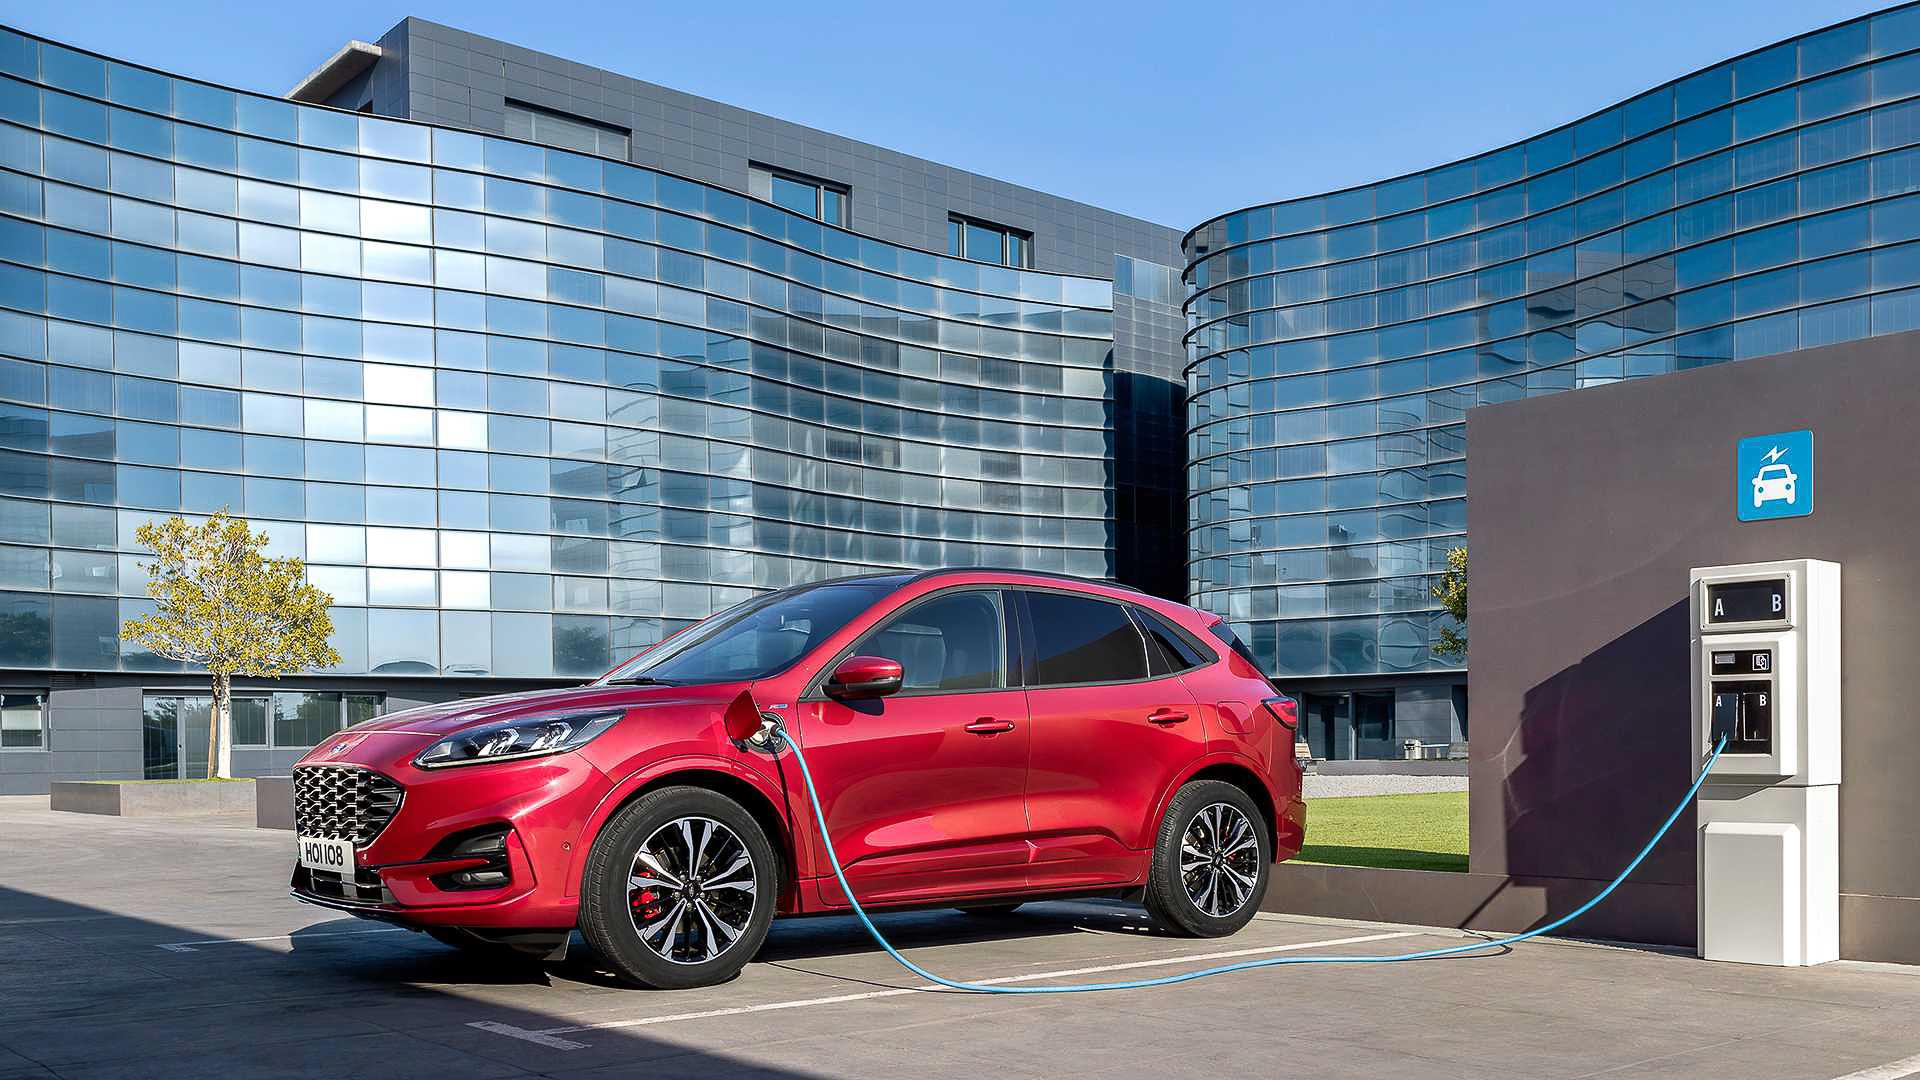 Ford Escape 2020 phiên bản mới hoàn toàn có trở lại Việt Nam? - 1